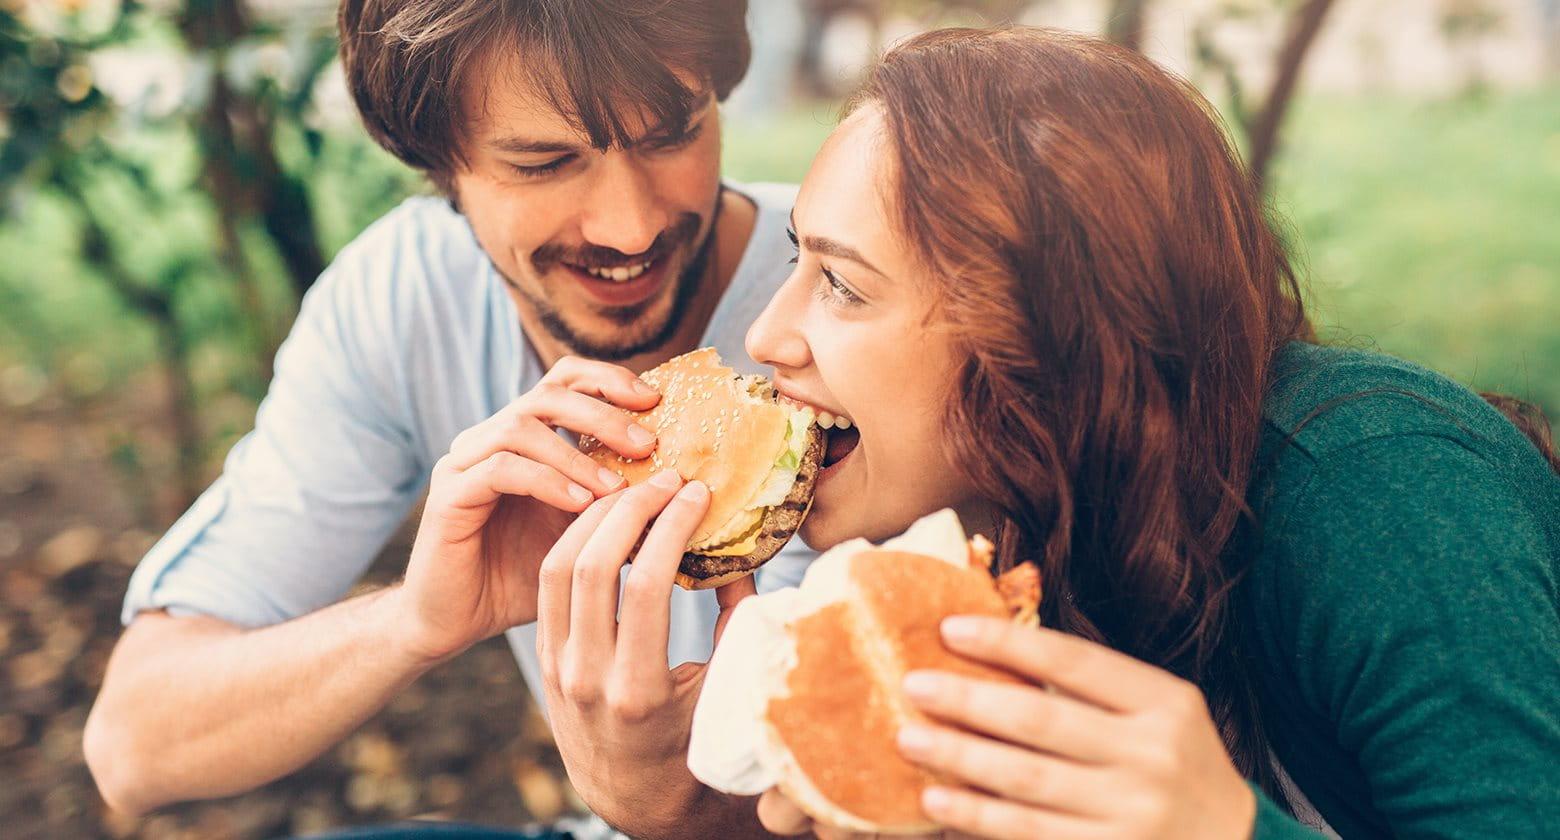 Dating sydafrikansk vit man Alla hjärtans presenter om du precis börjat dejta